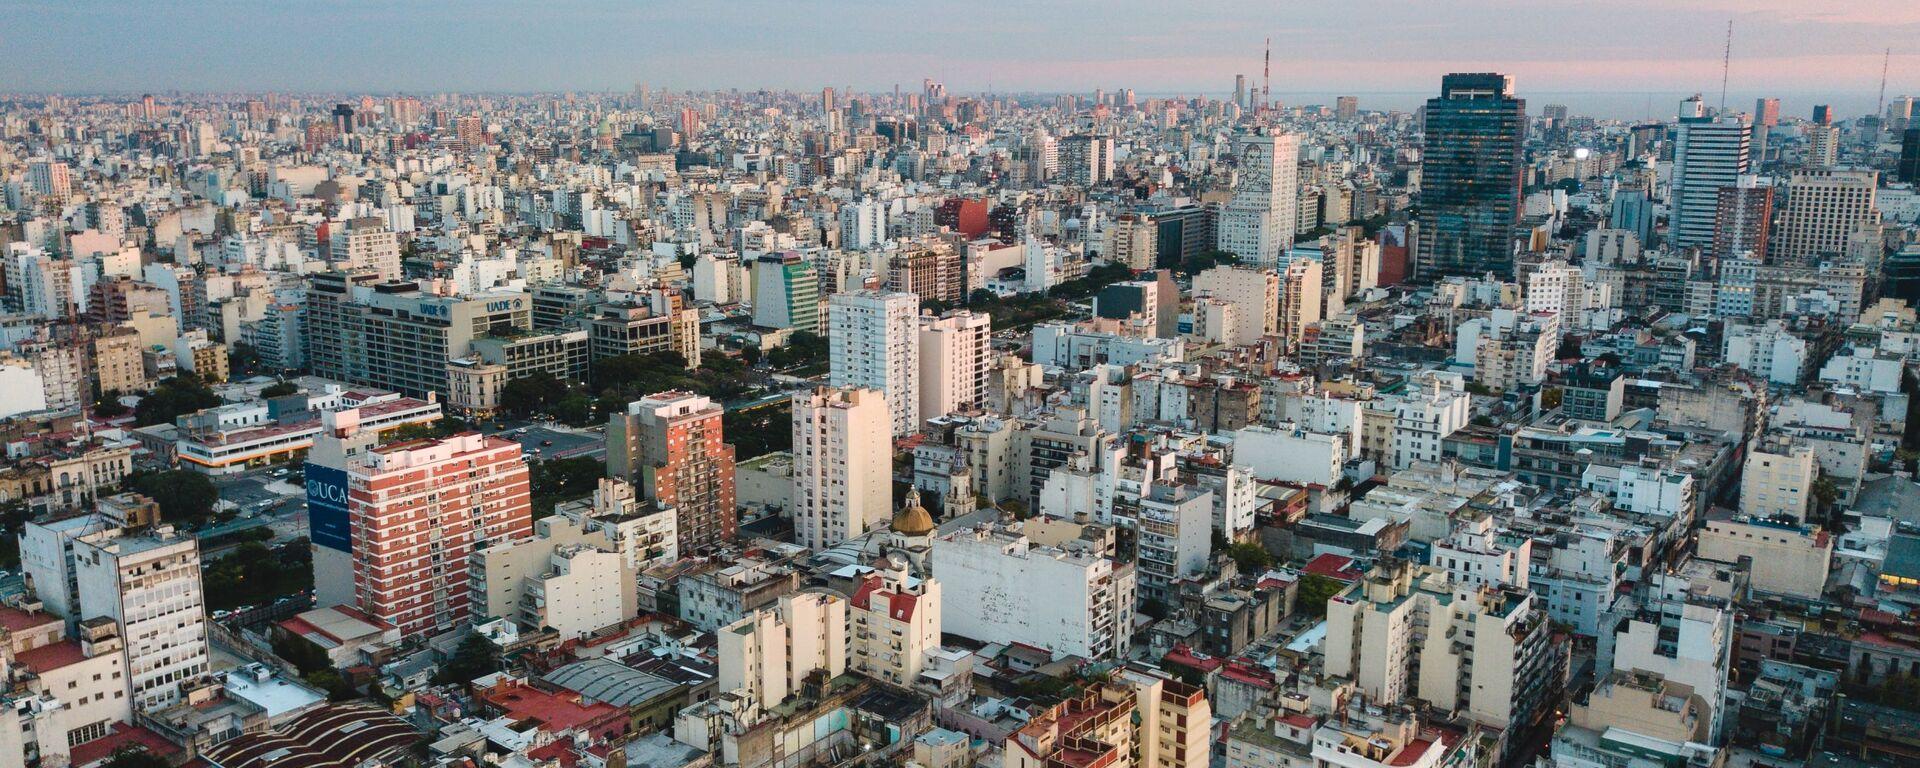 Buenos Aires, la capital de Argentina - Sputnik Mundo, 1920, 03.08.2021